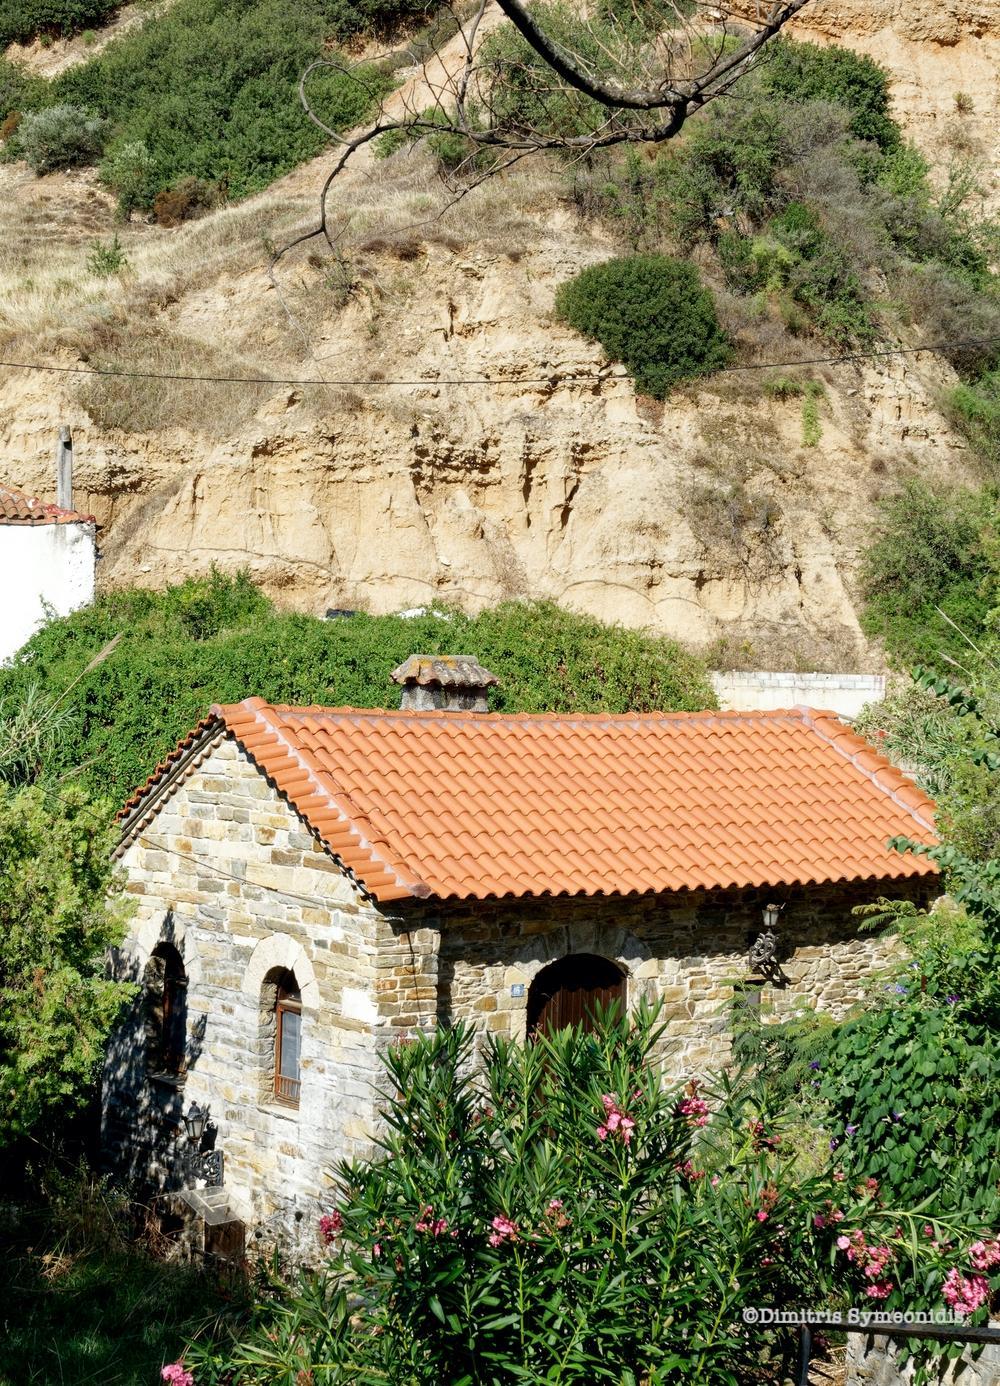 Παλιά Νικήτη, ένας από τους 3 πιο όμορφους παραδοσιακούς οικισμούς της Χαλκιδικής!